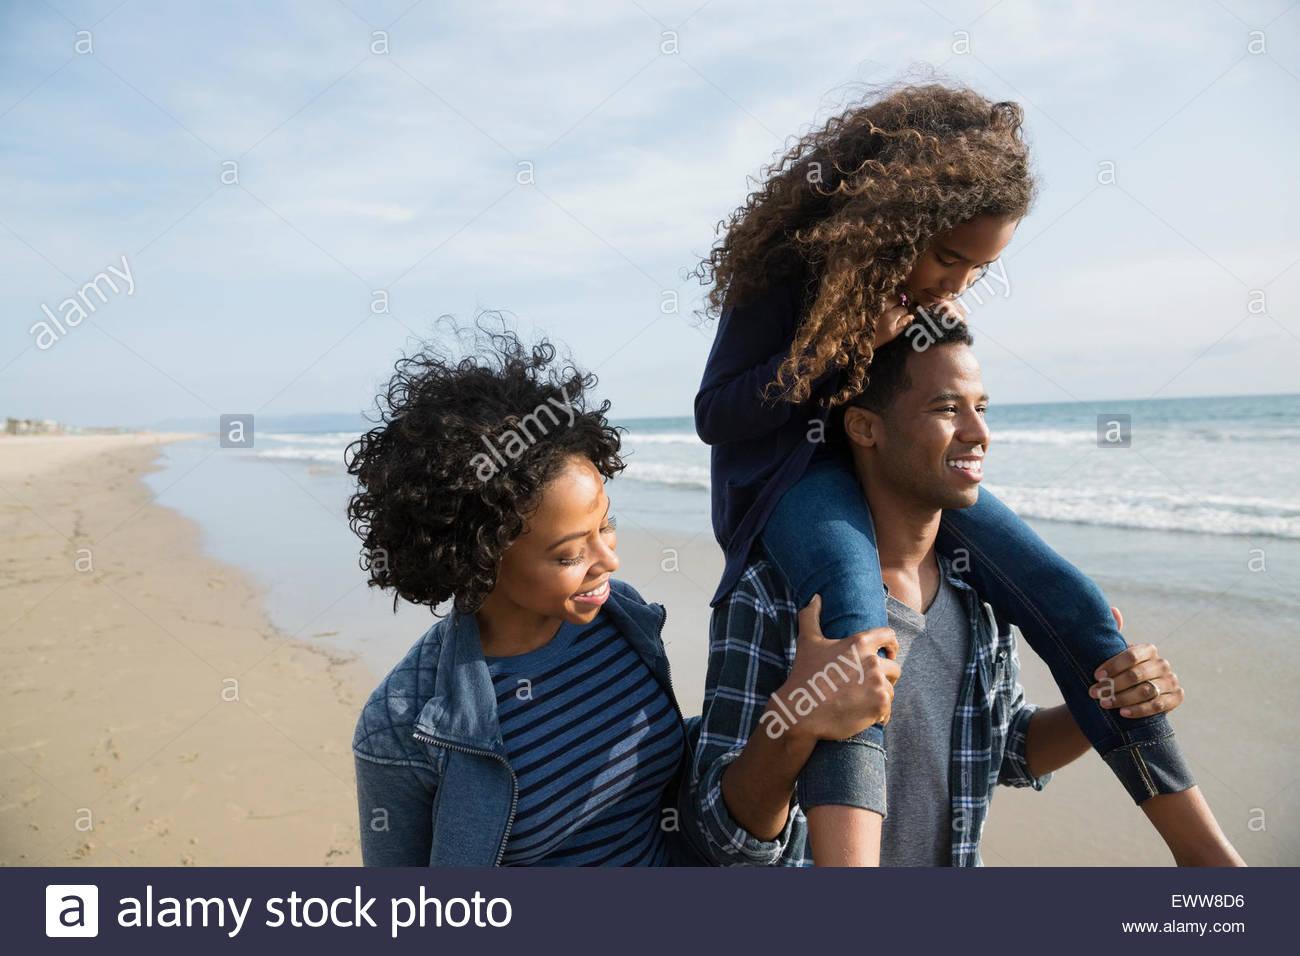 Familia caminando en sunny beach Imagen De Stock